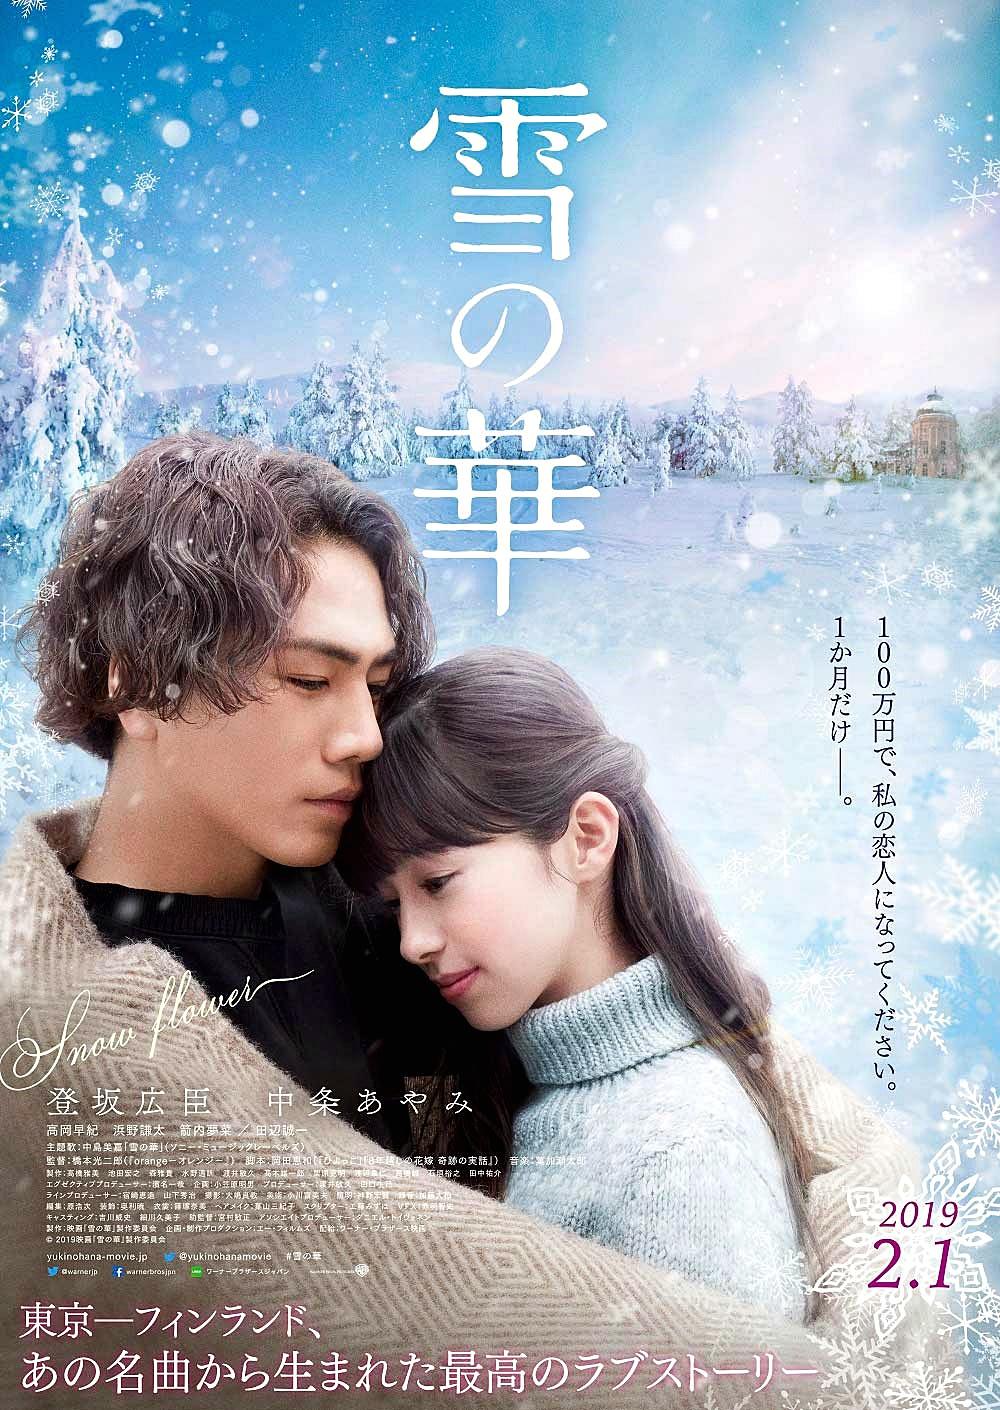 【画像】映画『雪の華』ポスタービジュアル